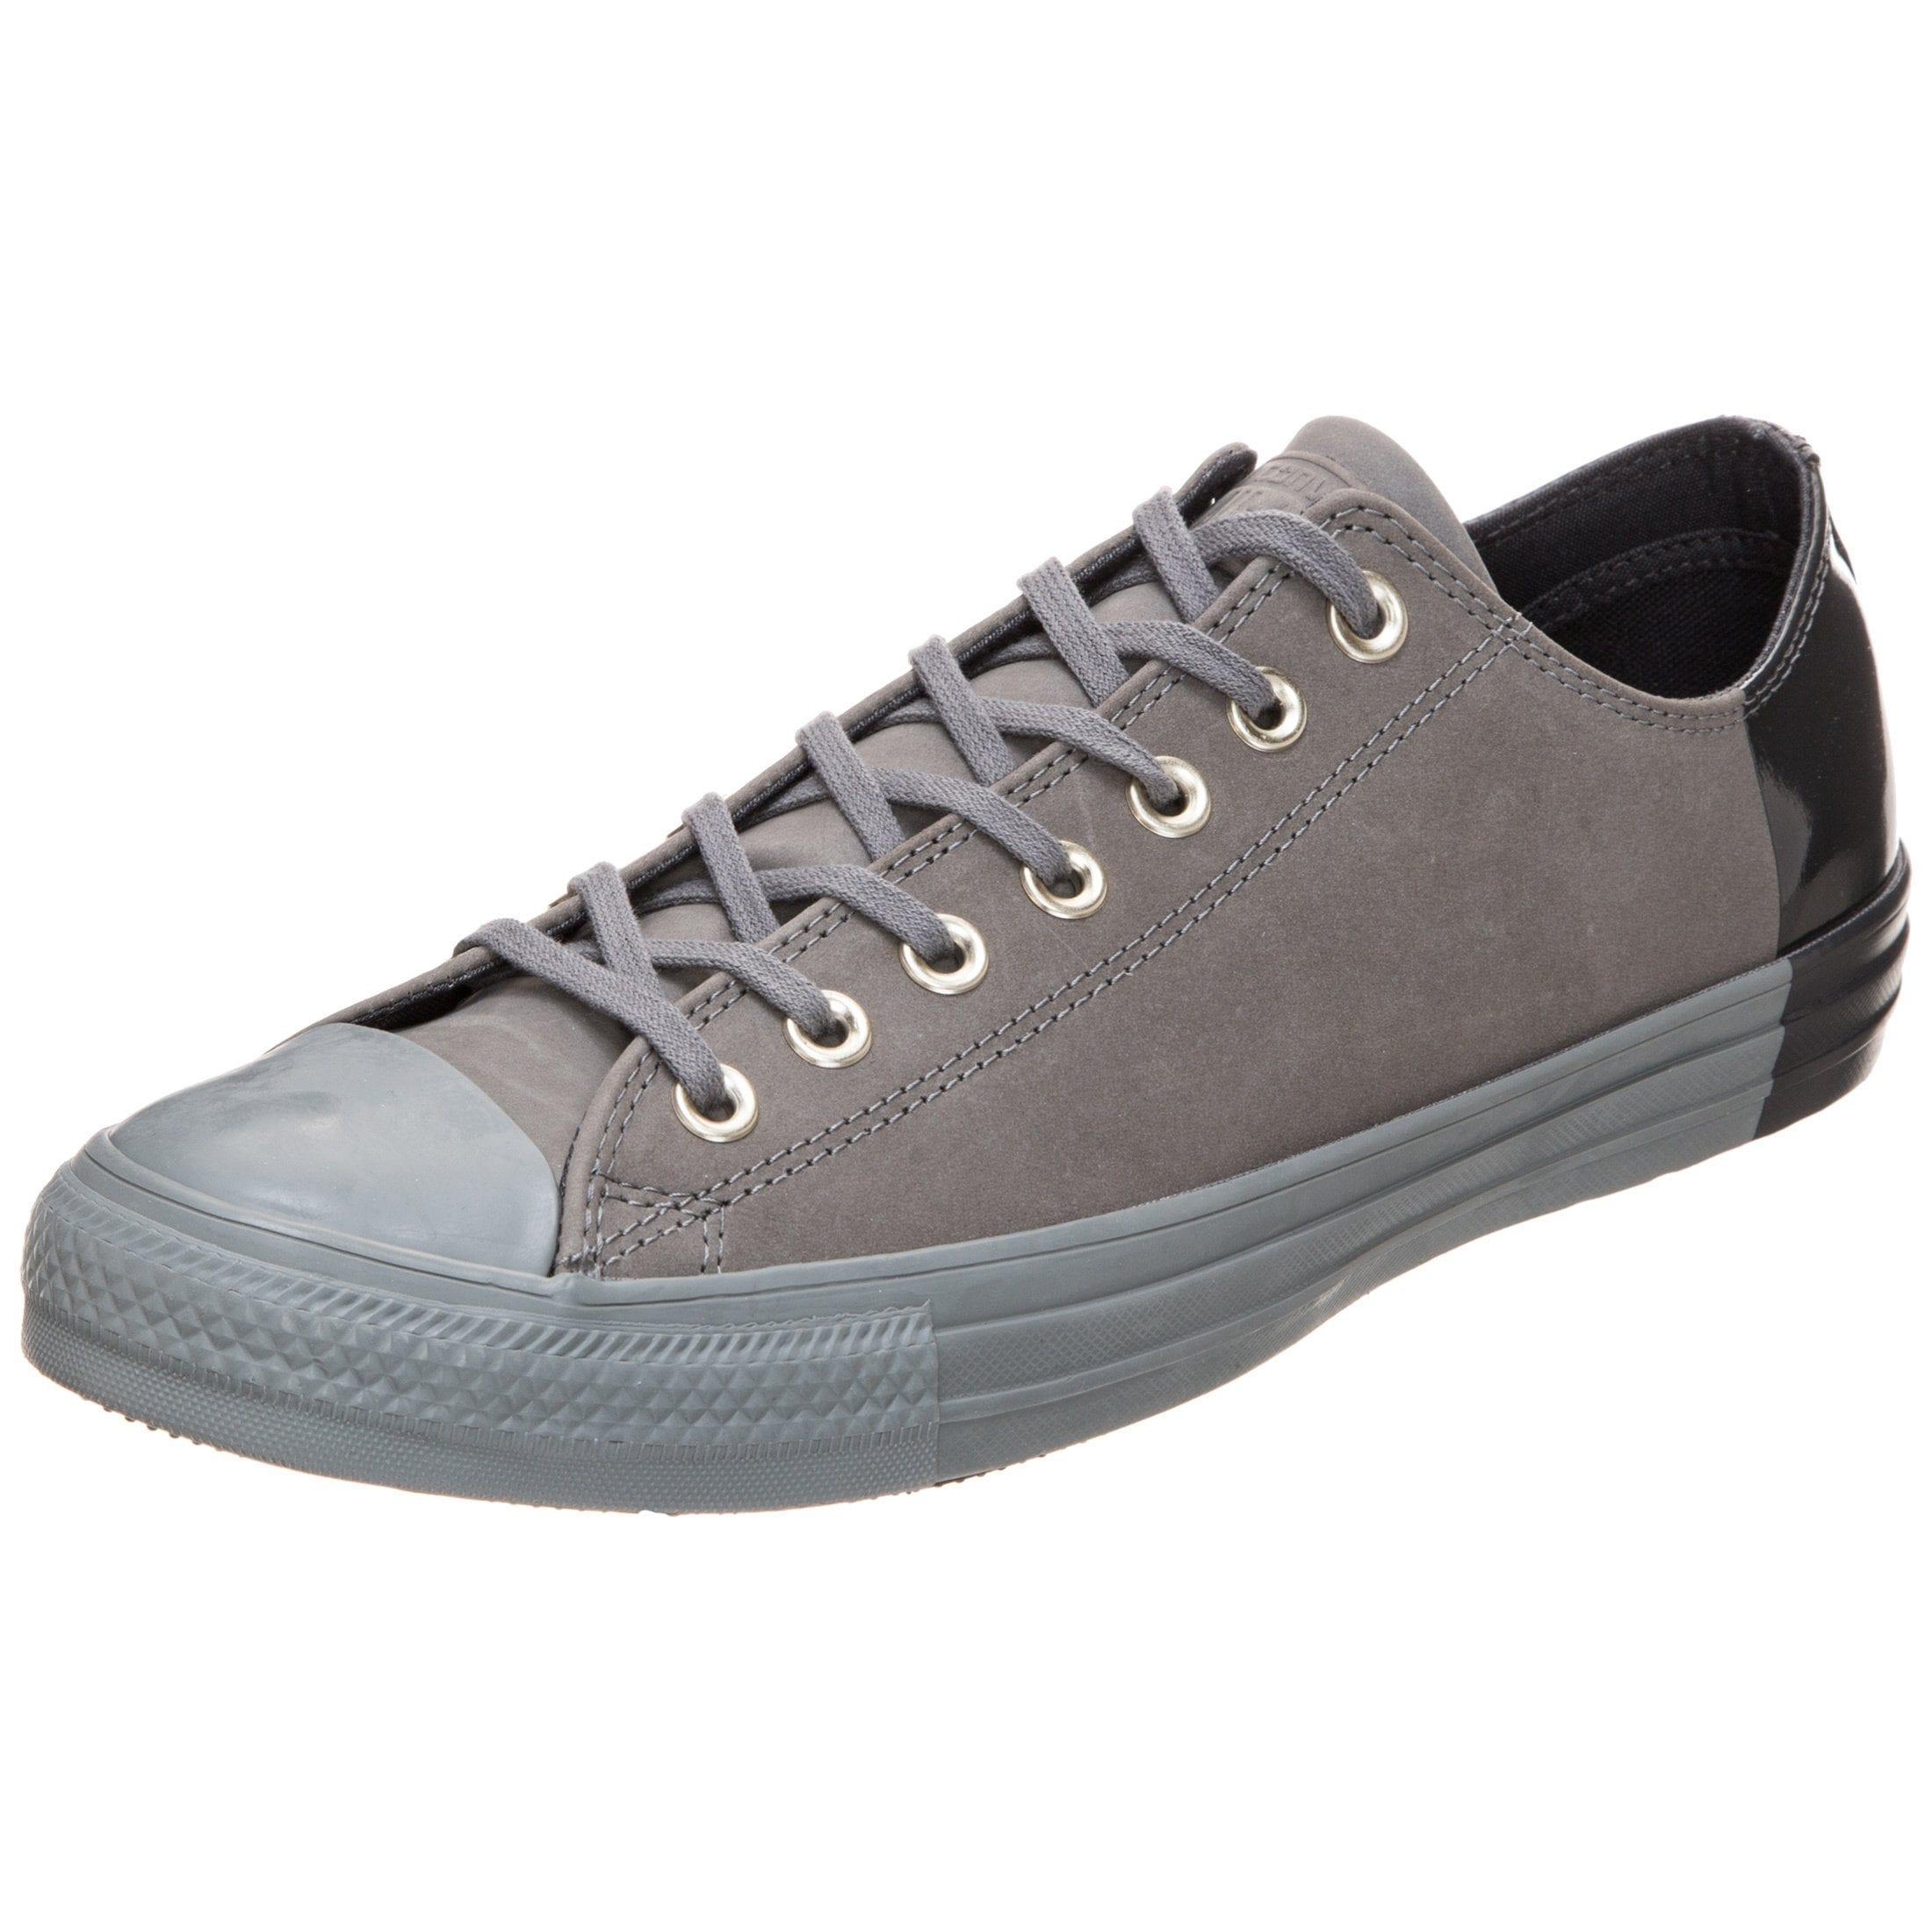 Converse Sneaker Chuck Taylor All Star gnstig kaufen | Gutes Preis-Leistungs-Verhältnis, es lohnt sich